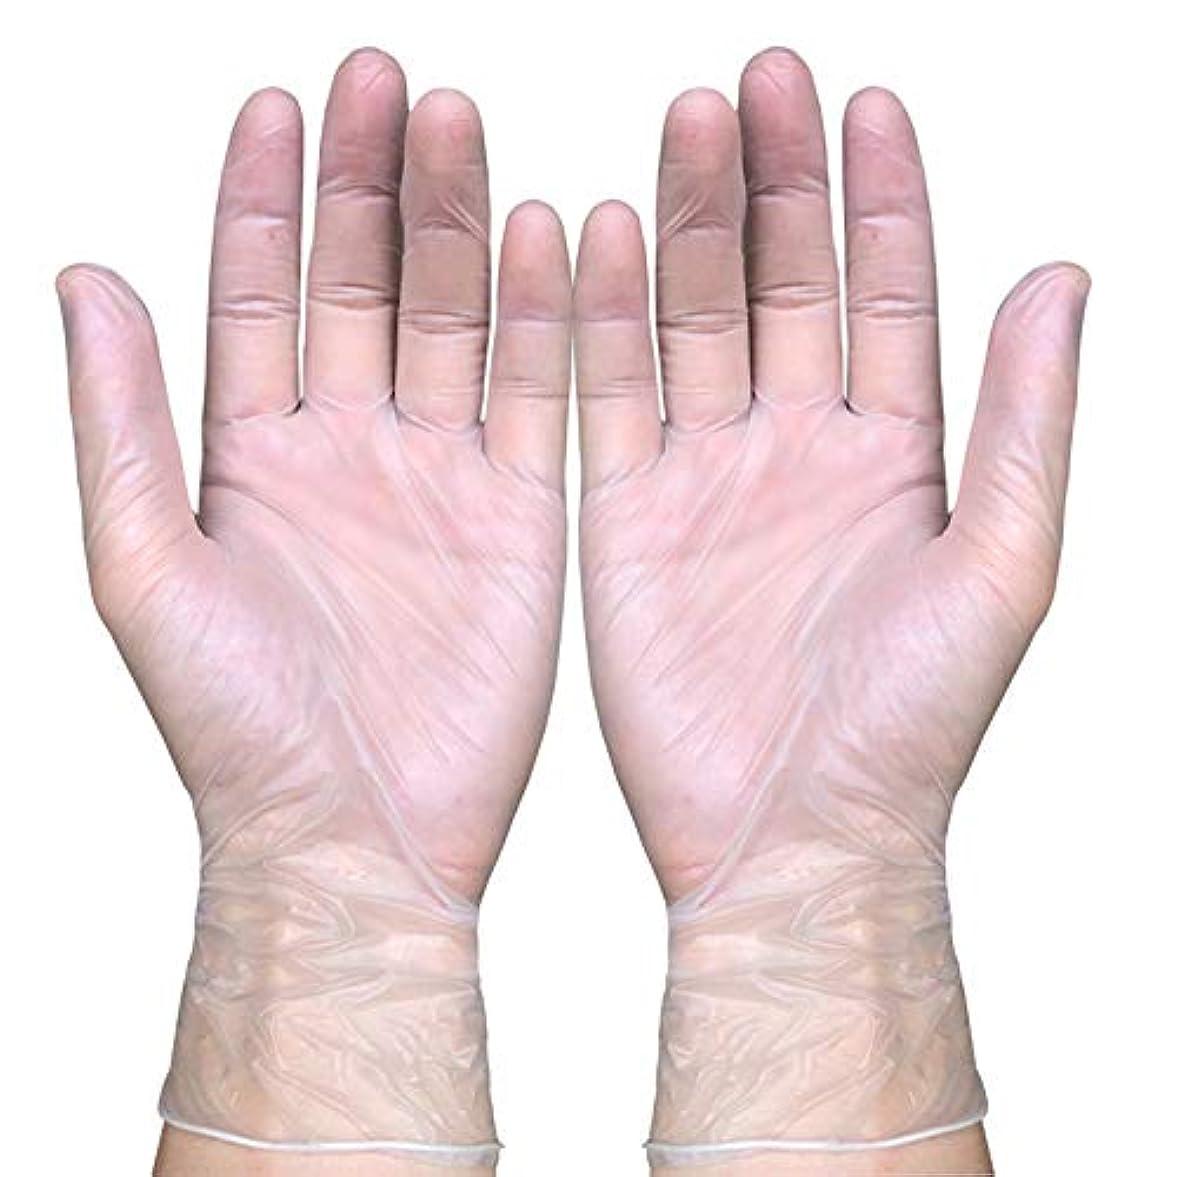 下手膨らみジャニス使い捨て医療ビニール検査用手袋、液体、血液、検査、ヘルスケア、食品の取り扱い粉なし、100カウント,S